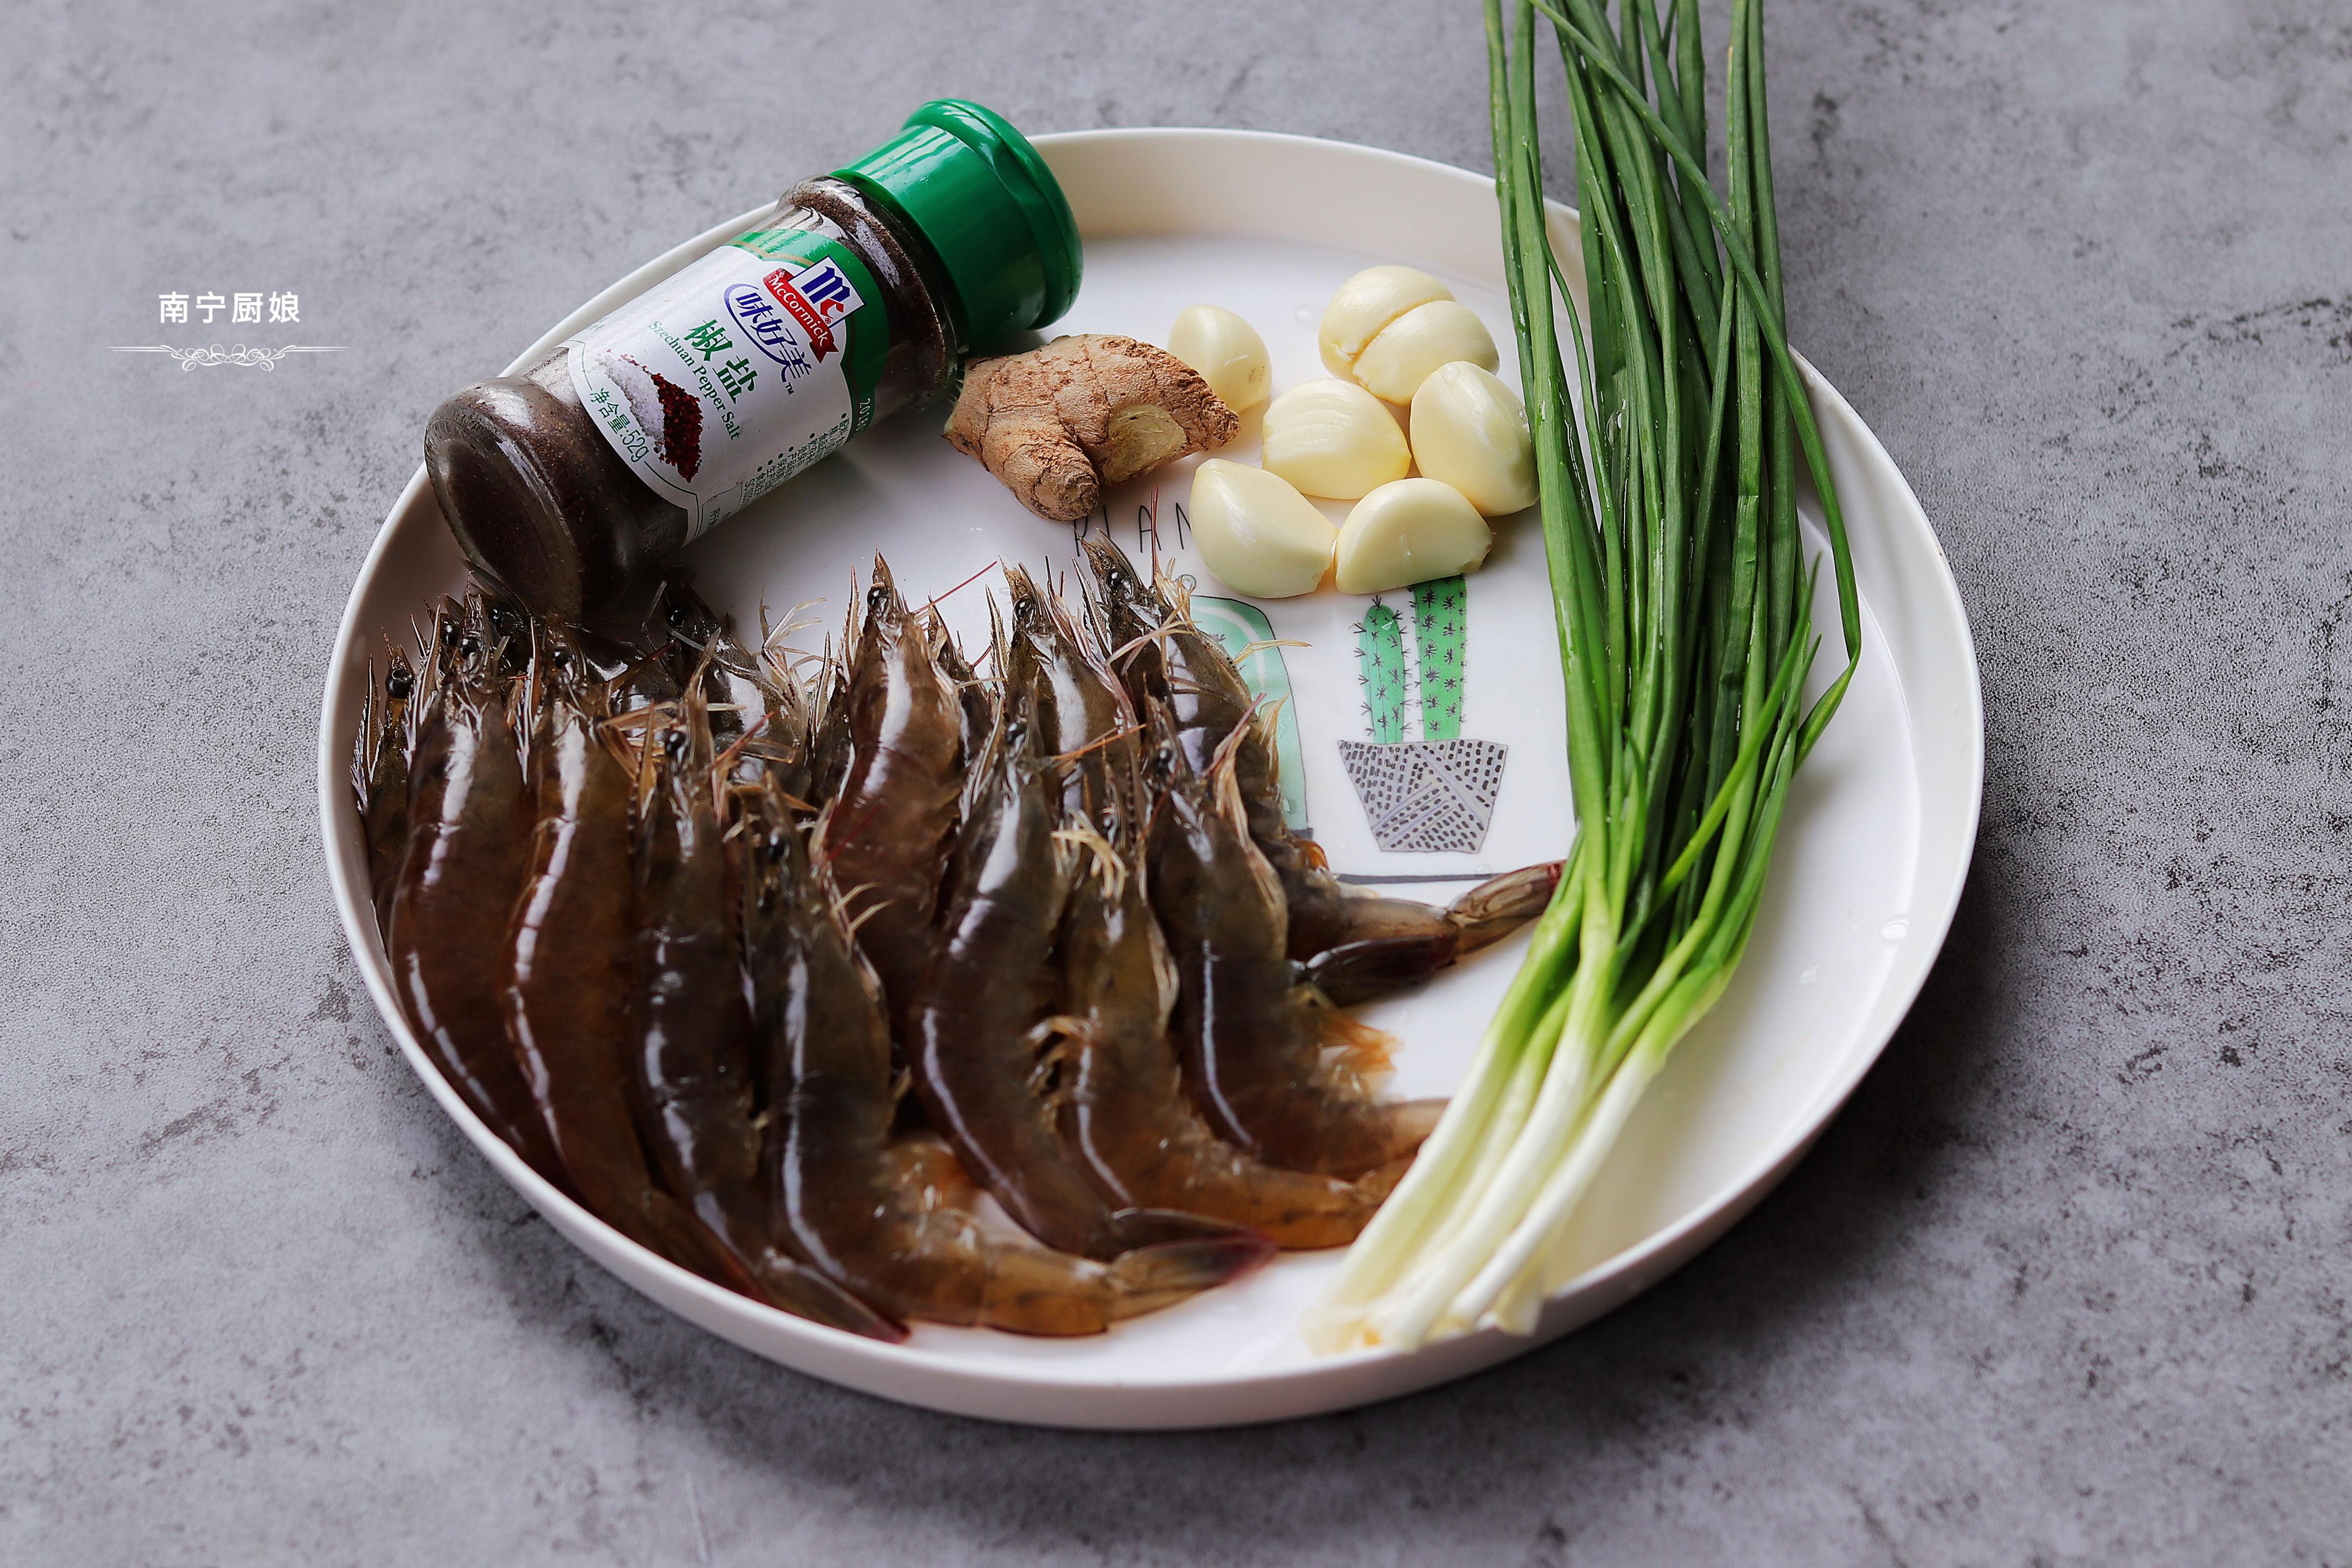 大虾别再白灼吃了,教你咸香又酥脆的美味做法,吃上一口就会上瘾